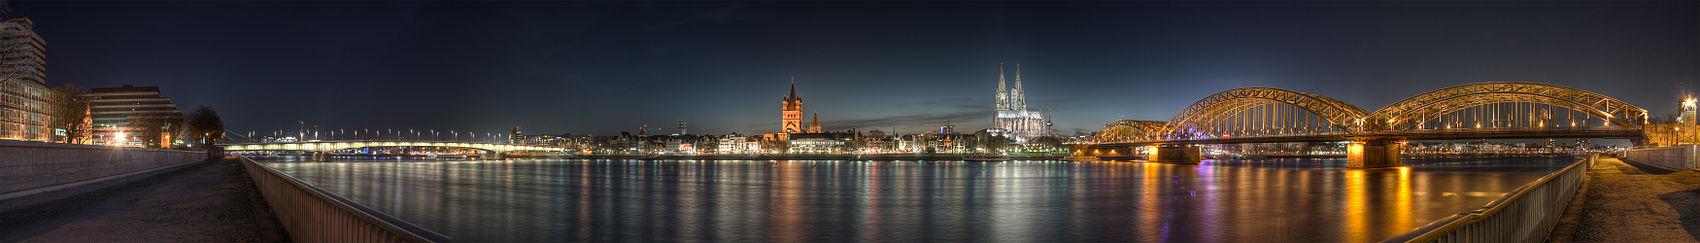 <center>Вид на старый город с противоположного берега Рейна в сумерках